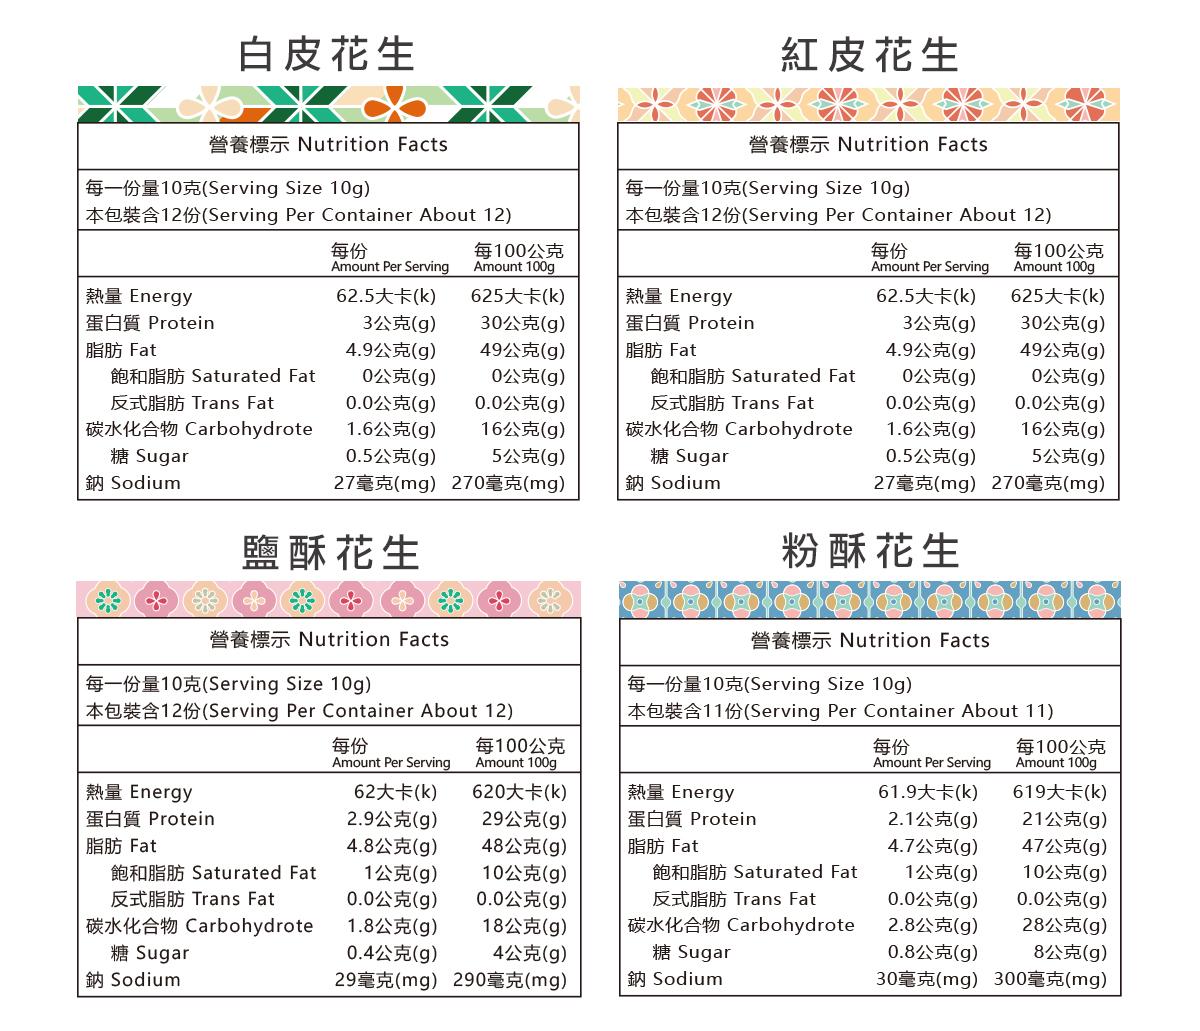 金弘四大天王 紅皮花生/白皮花生/鹽酥花生/粉酥花生 營養標示